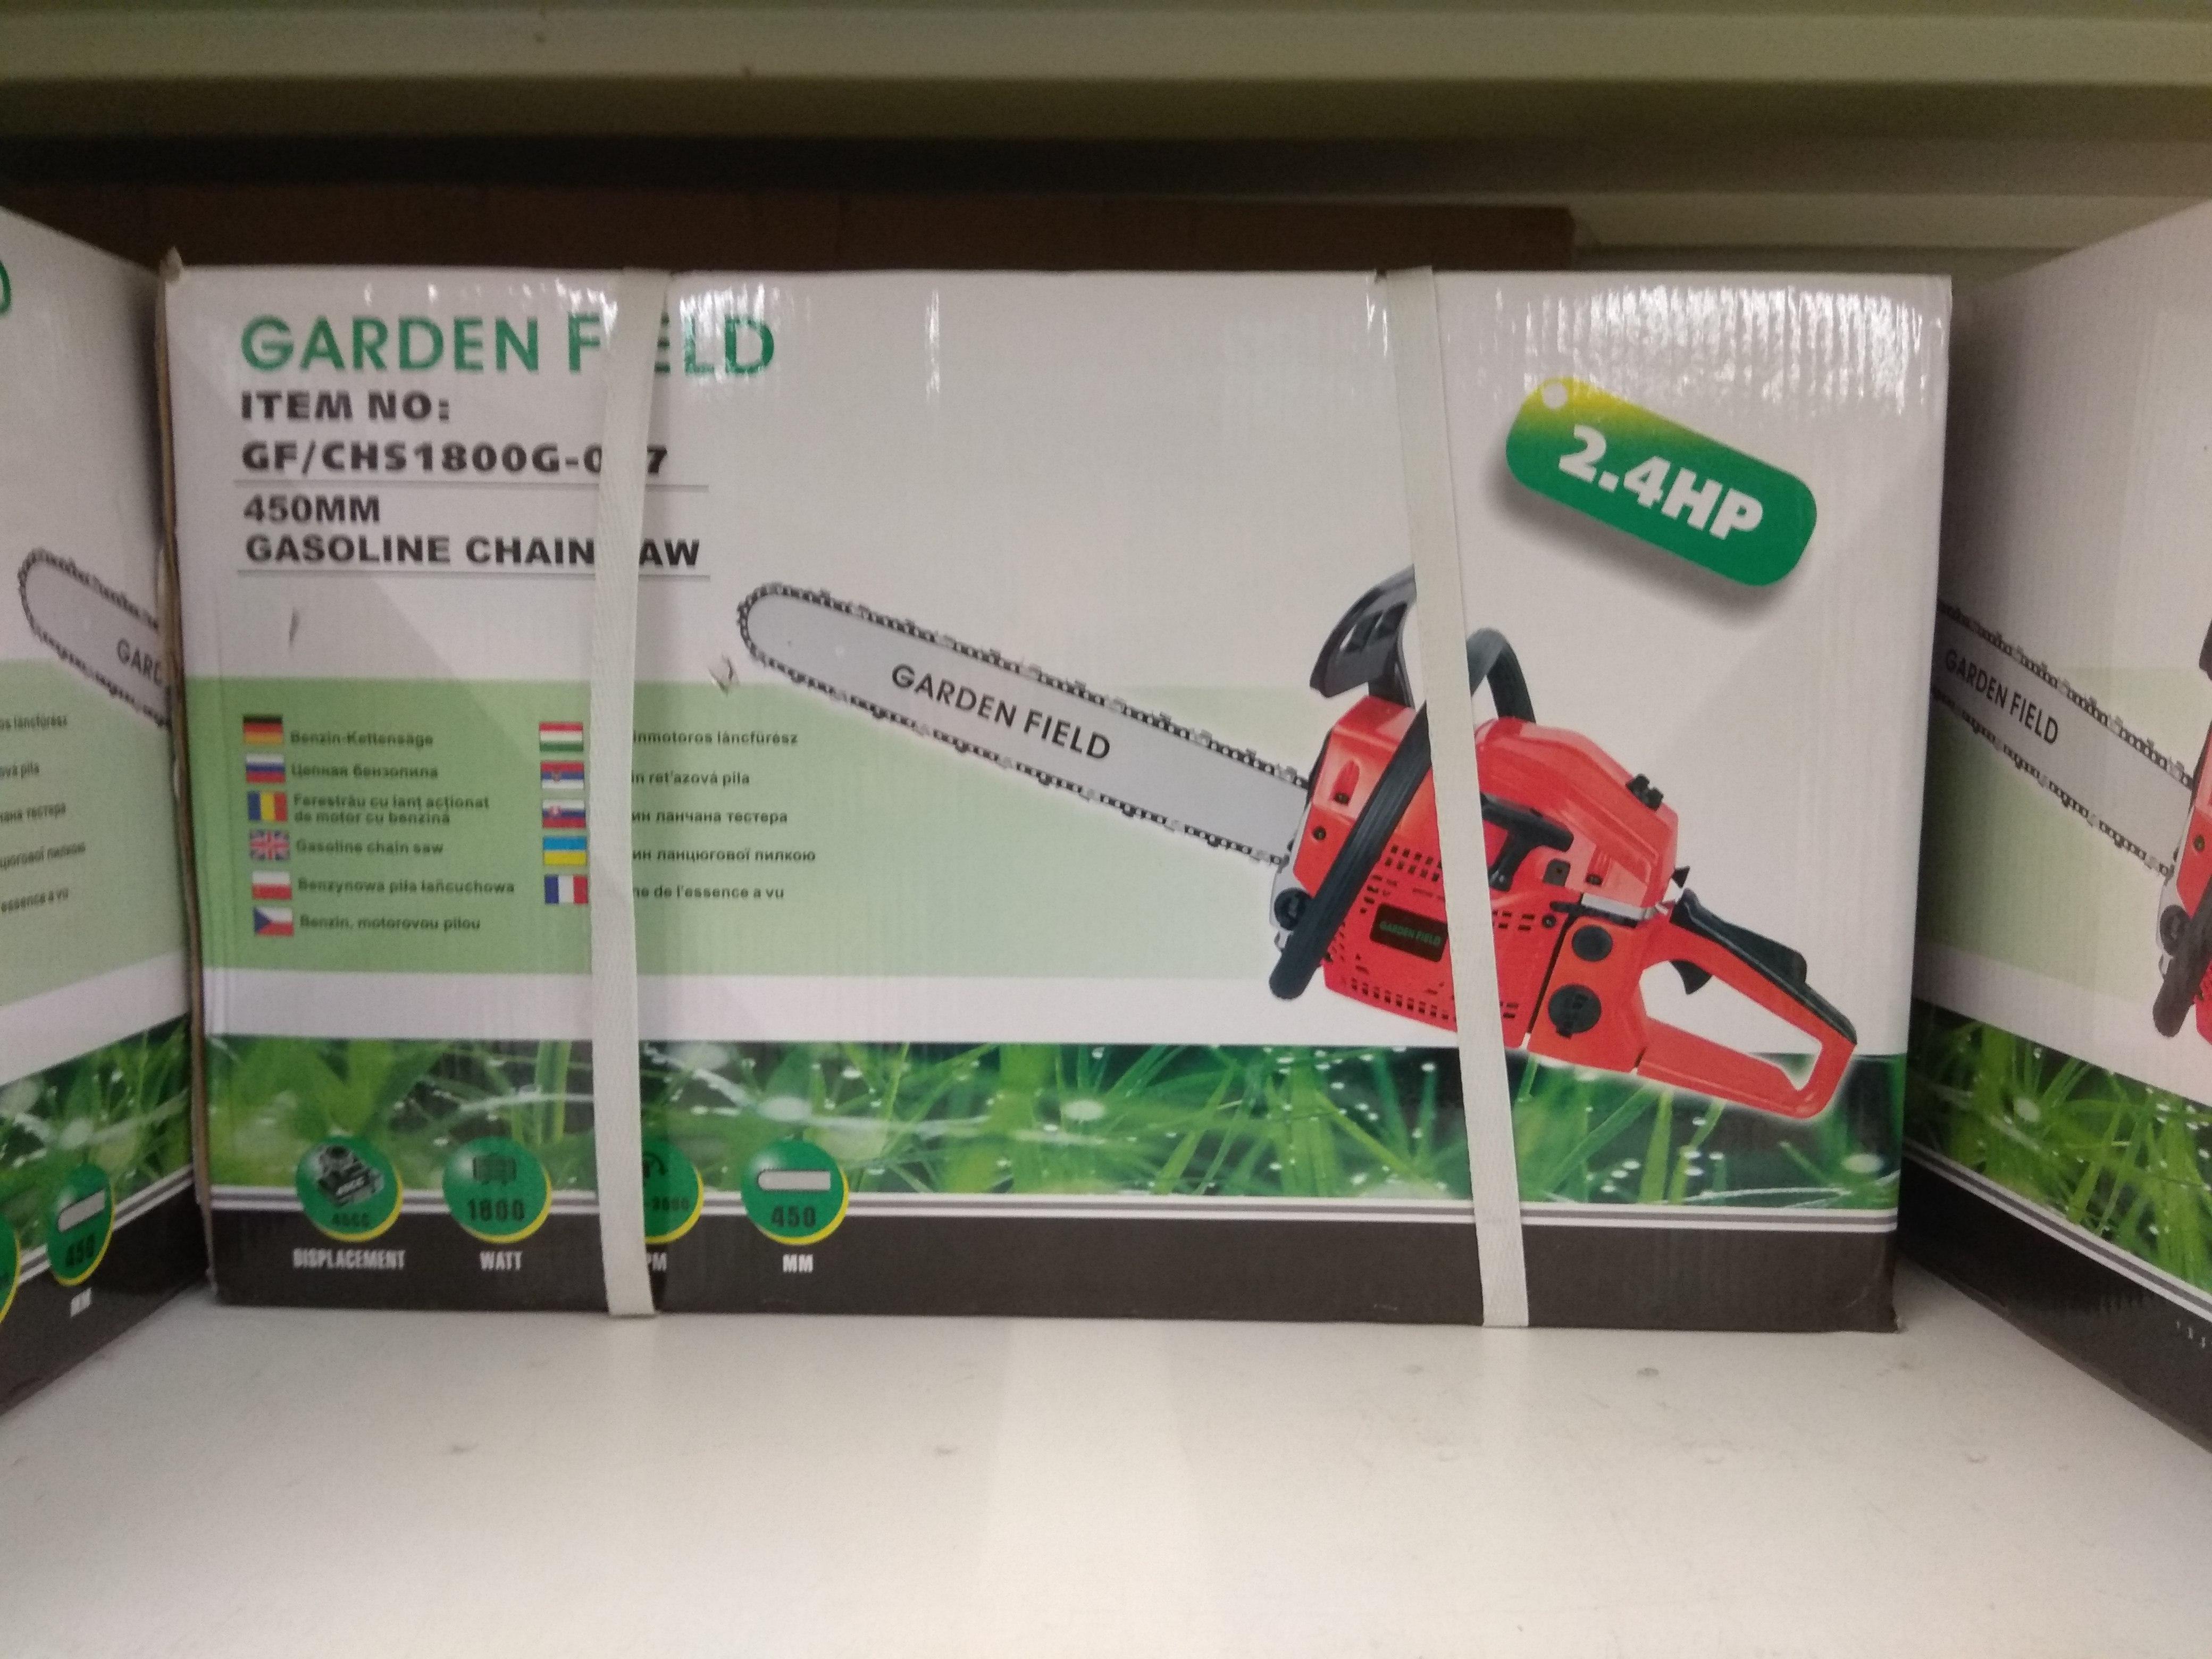 Pilarka spalinowa Garden Field, ostrzałki, nożyce elektryczne.